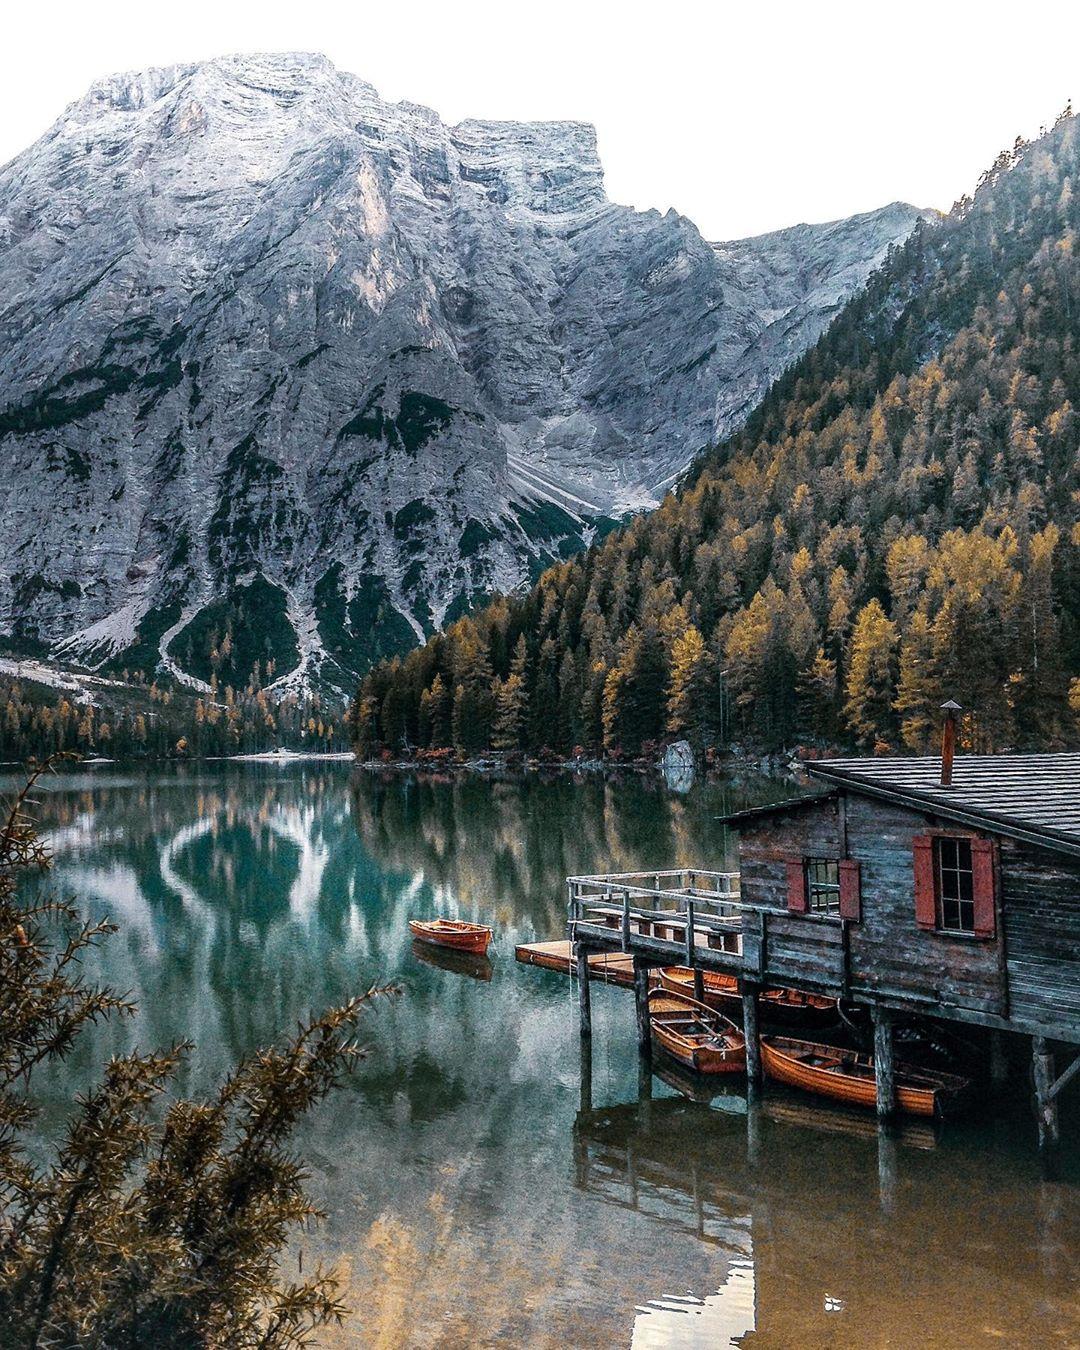 Путешествия и приключения на снимках Мэнди Розенфельд природа,путешествия